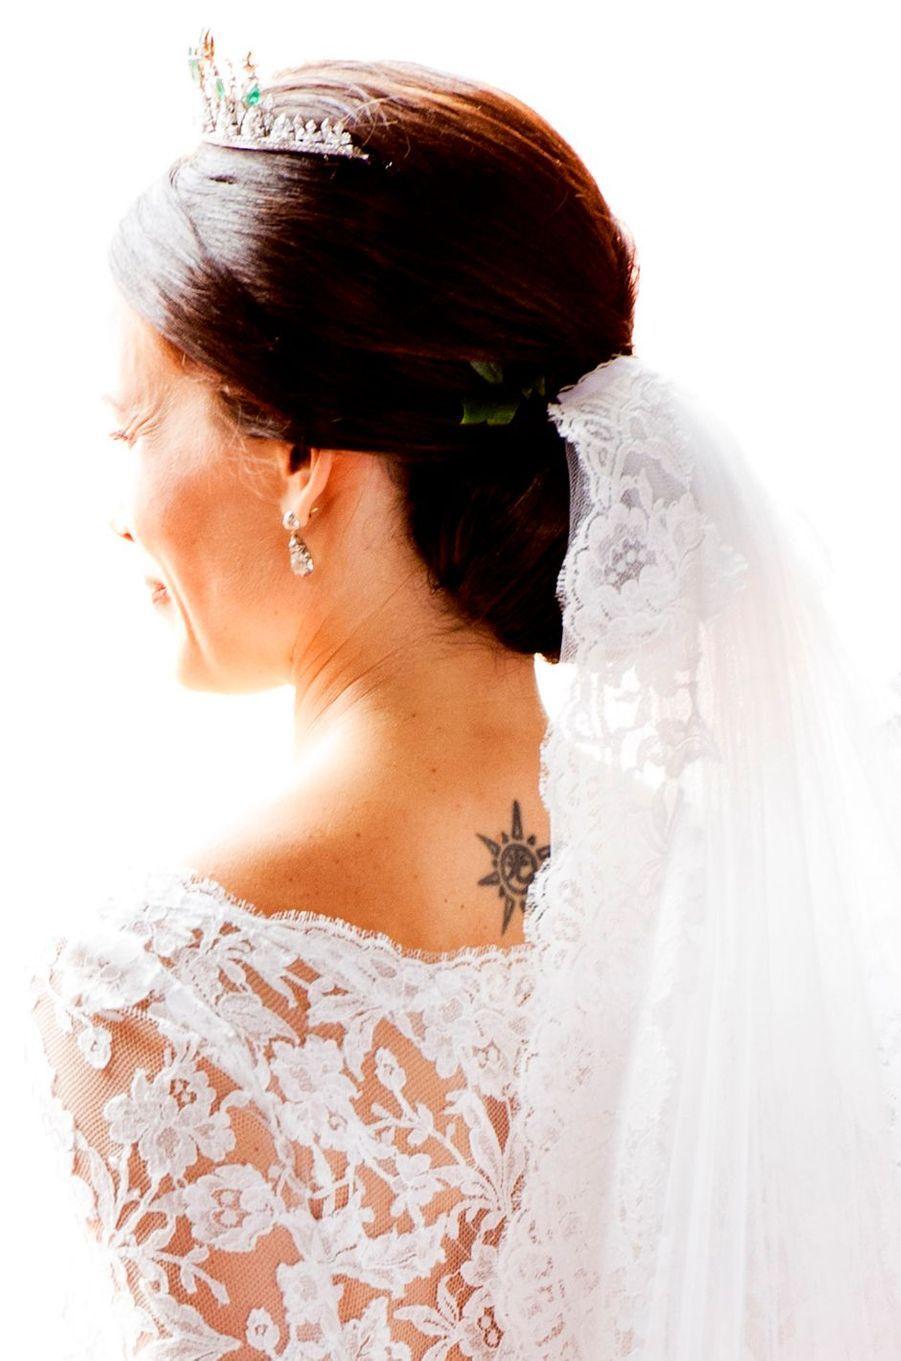 Sofia Hellqvist le jour de son mariage le 13 juin 2015